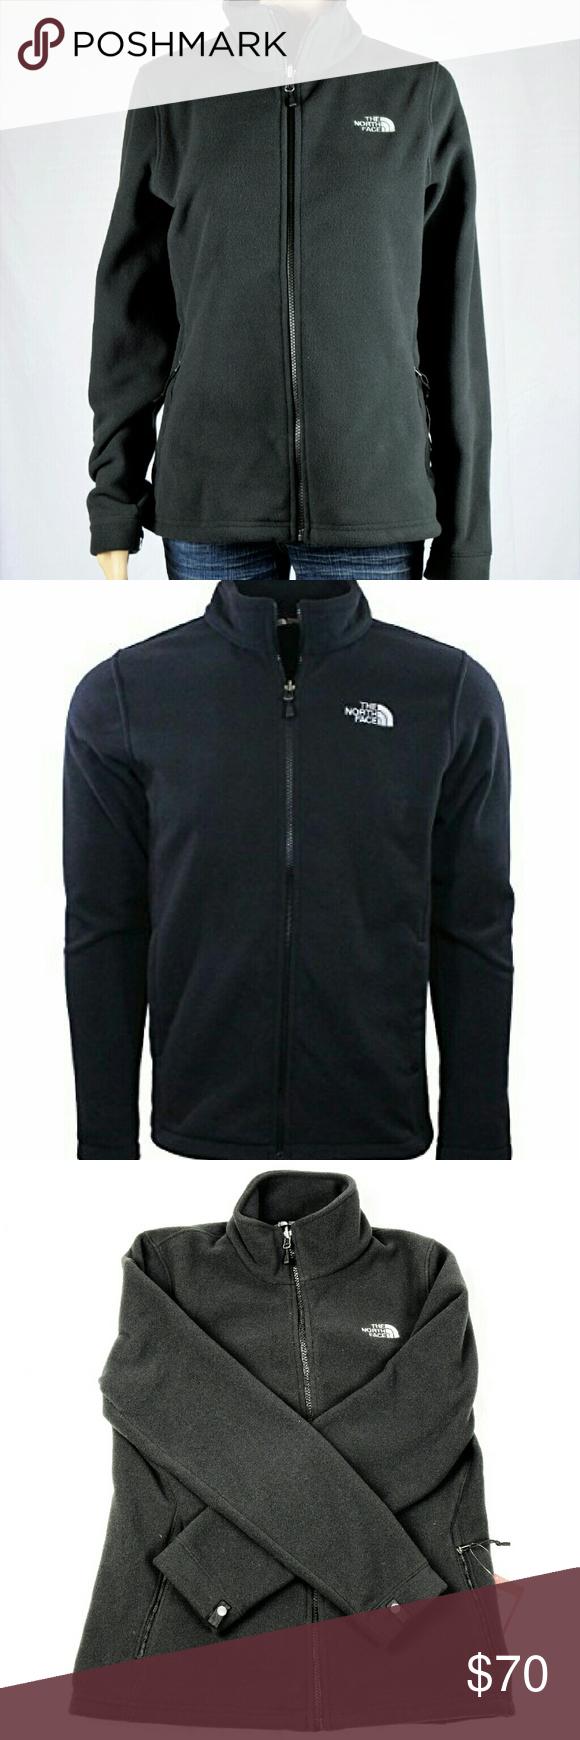 The Northface Women S200 Tundra Fleece Jacket North Face Jacket Fleece Jacket Jackets [ 1740 x 580 Pixel ]